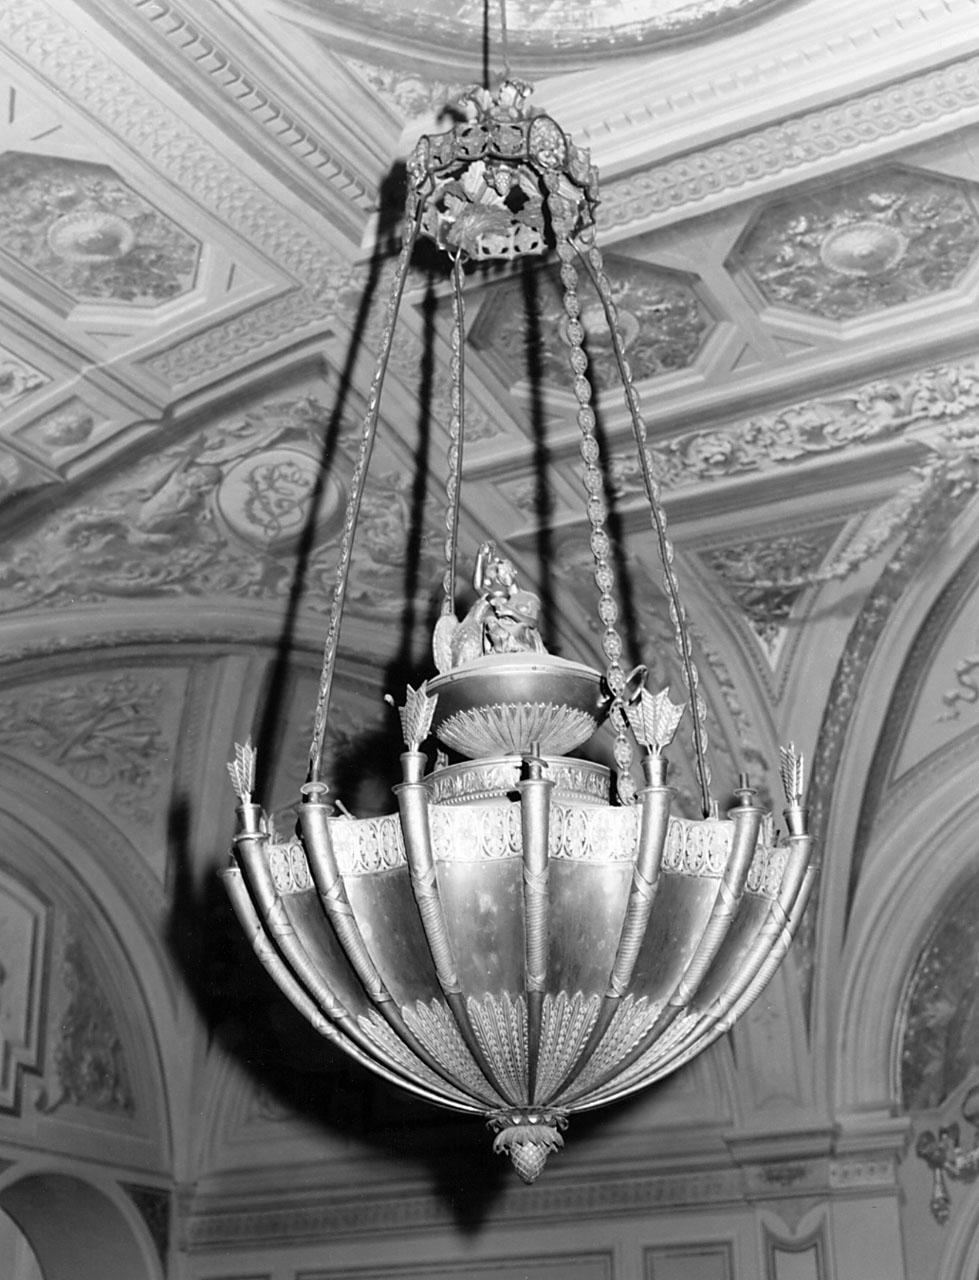 lampadario - bottega francese (inizio sec. XIX)